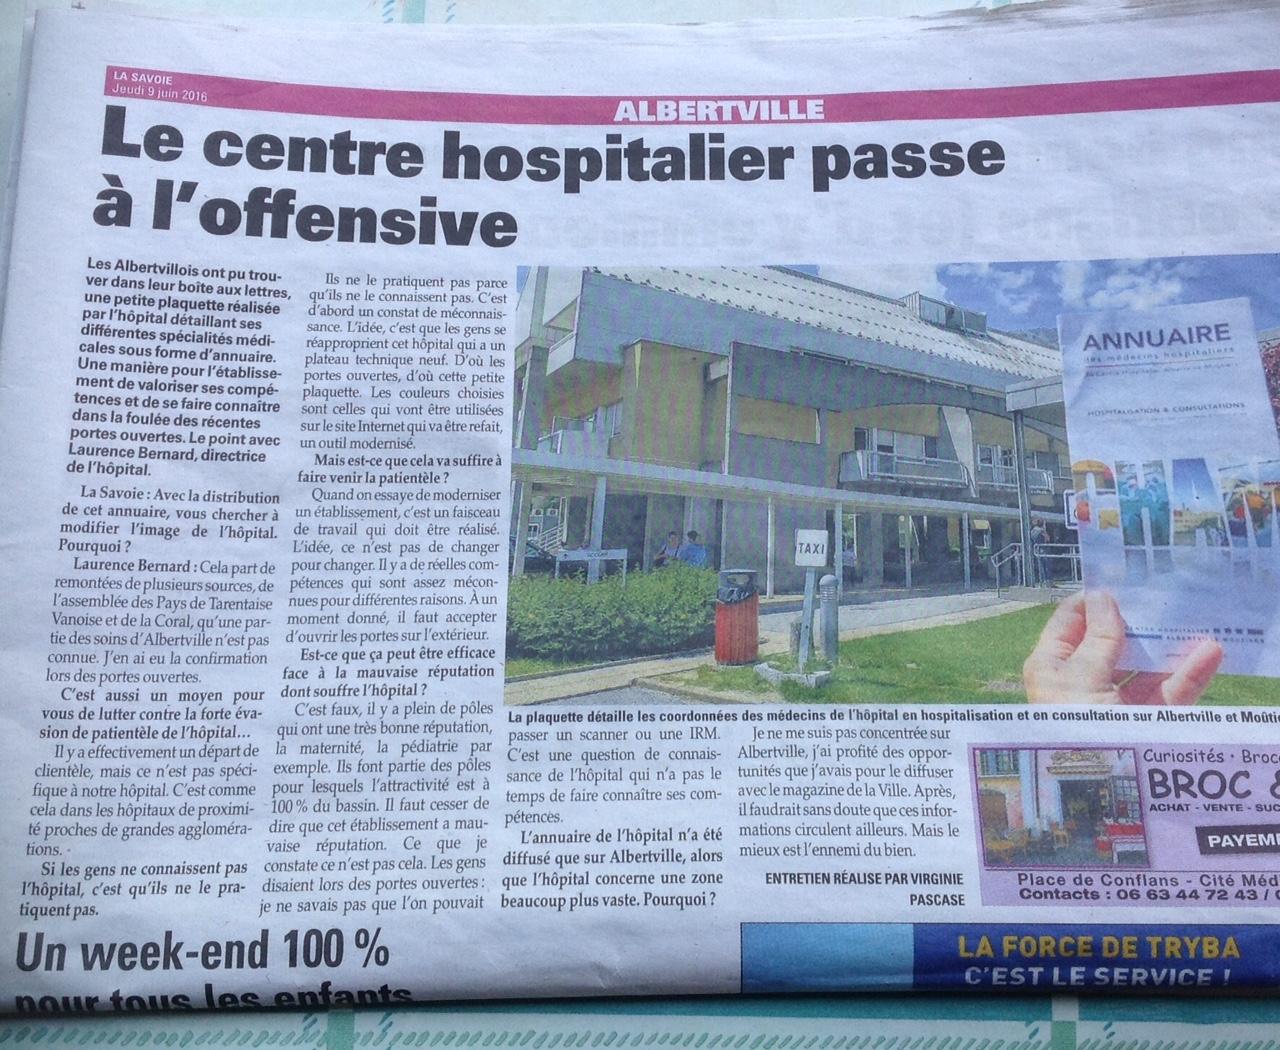 2016-06-08 - La Savoie - Le centre hospitalier passe à l'offensive